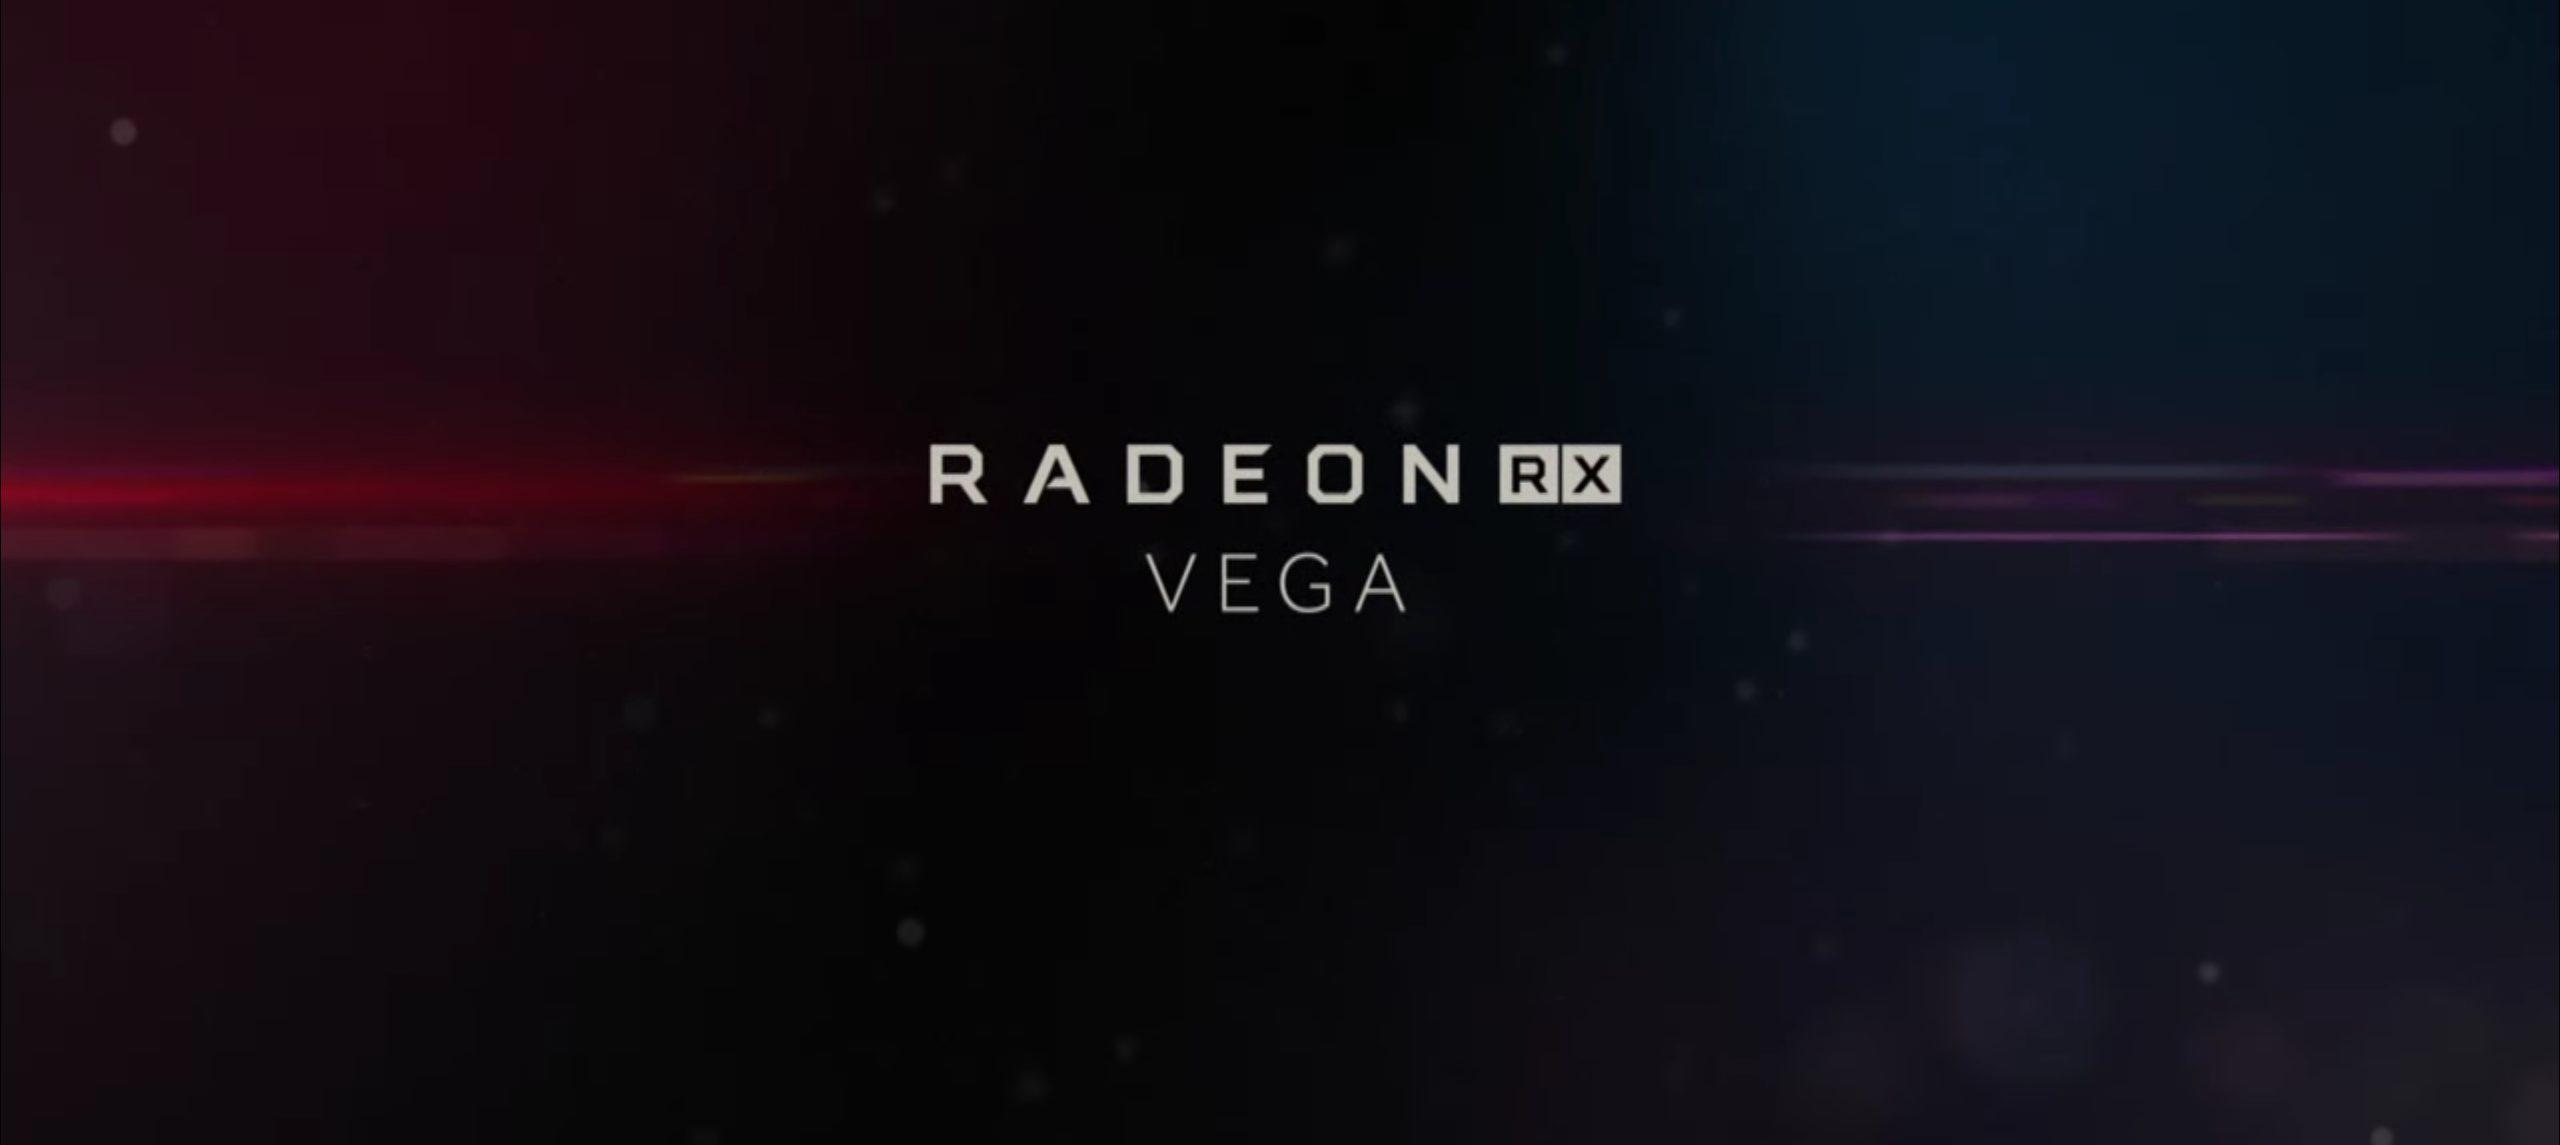 AMD Radeon RX Vega hero